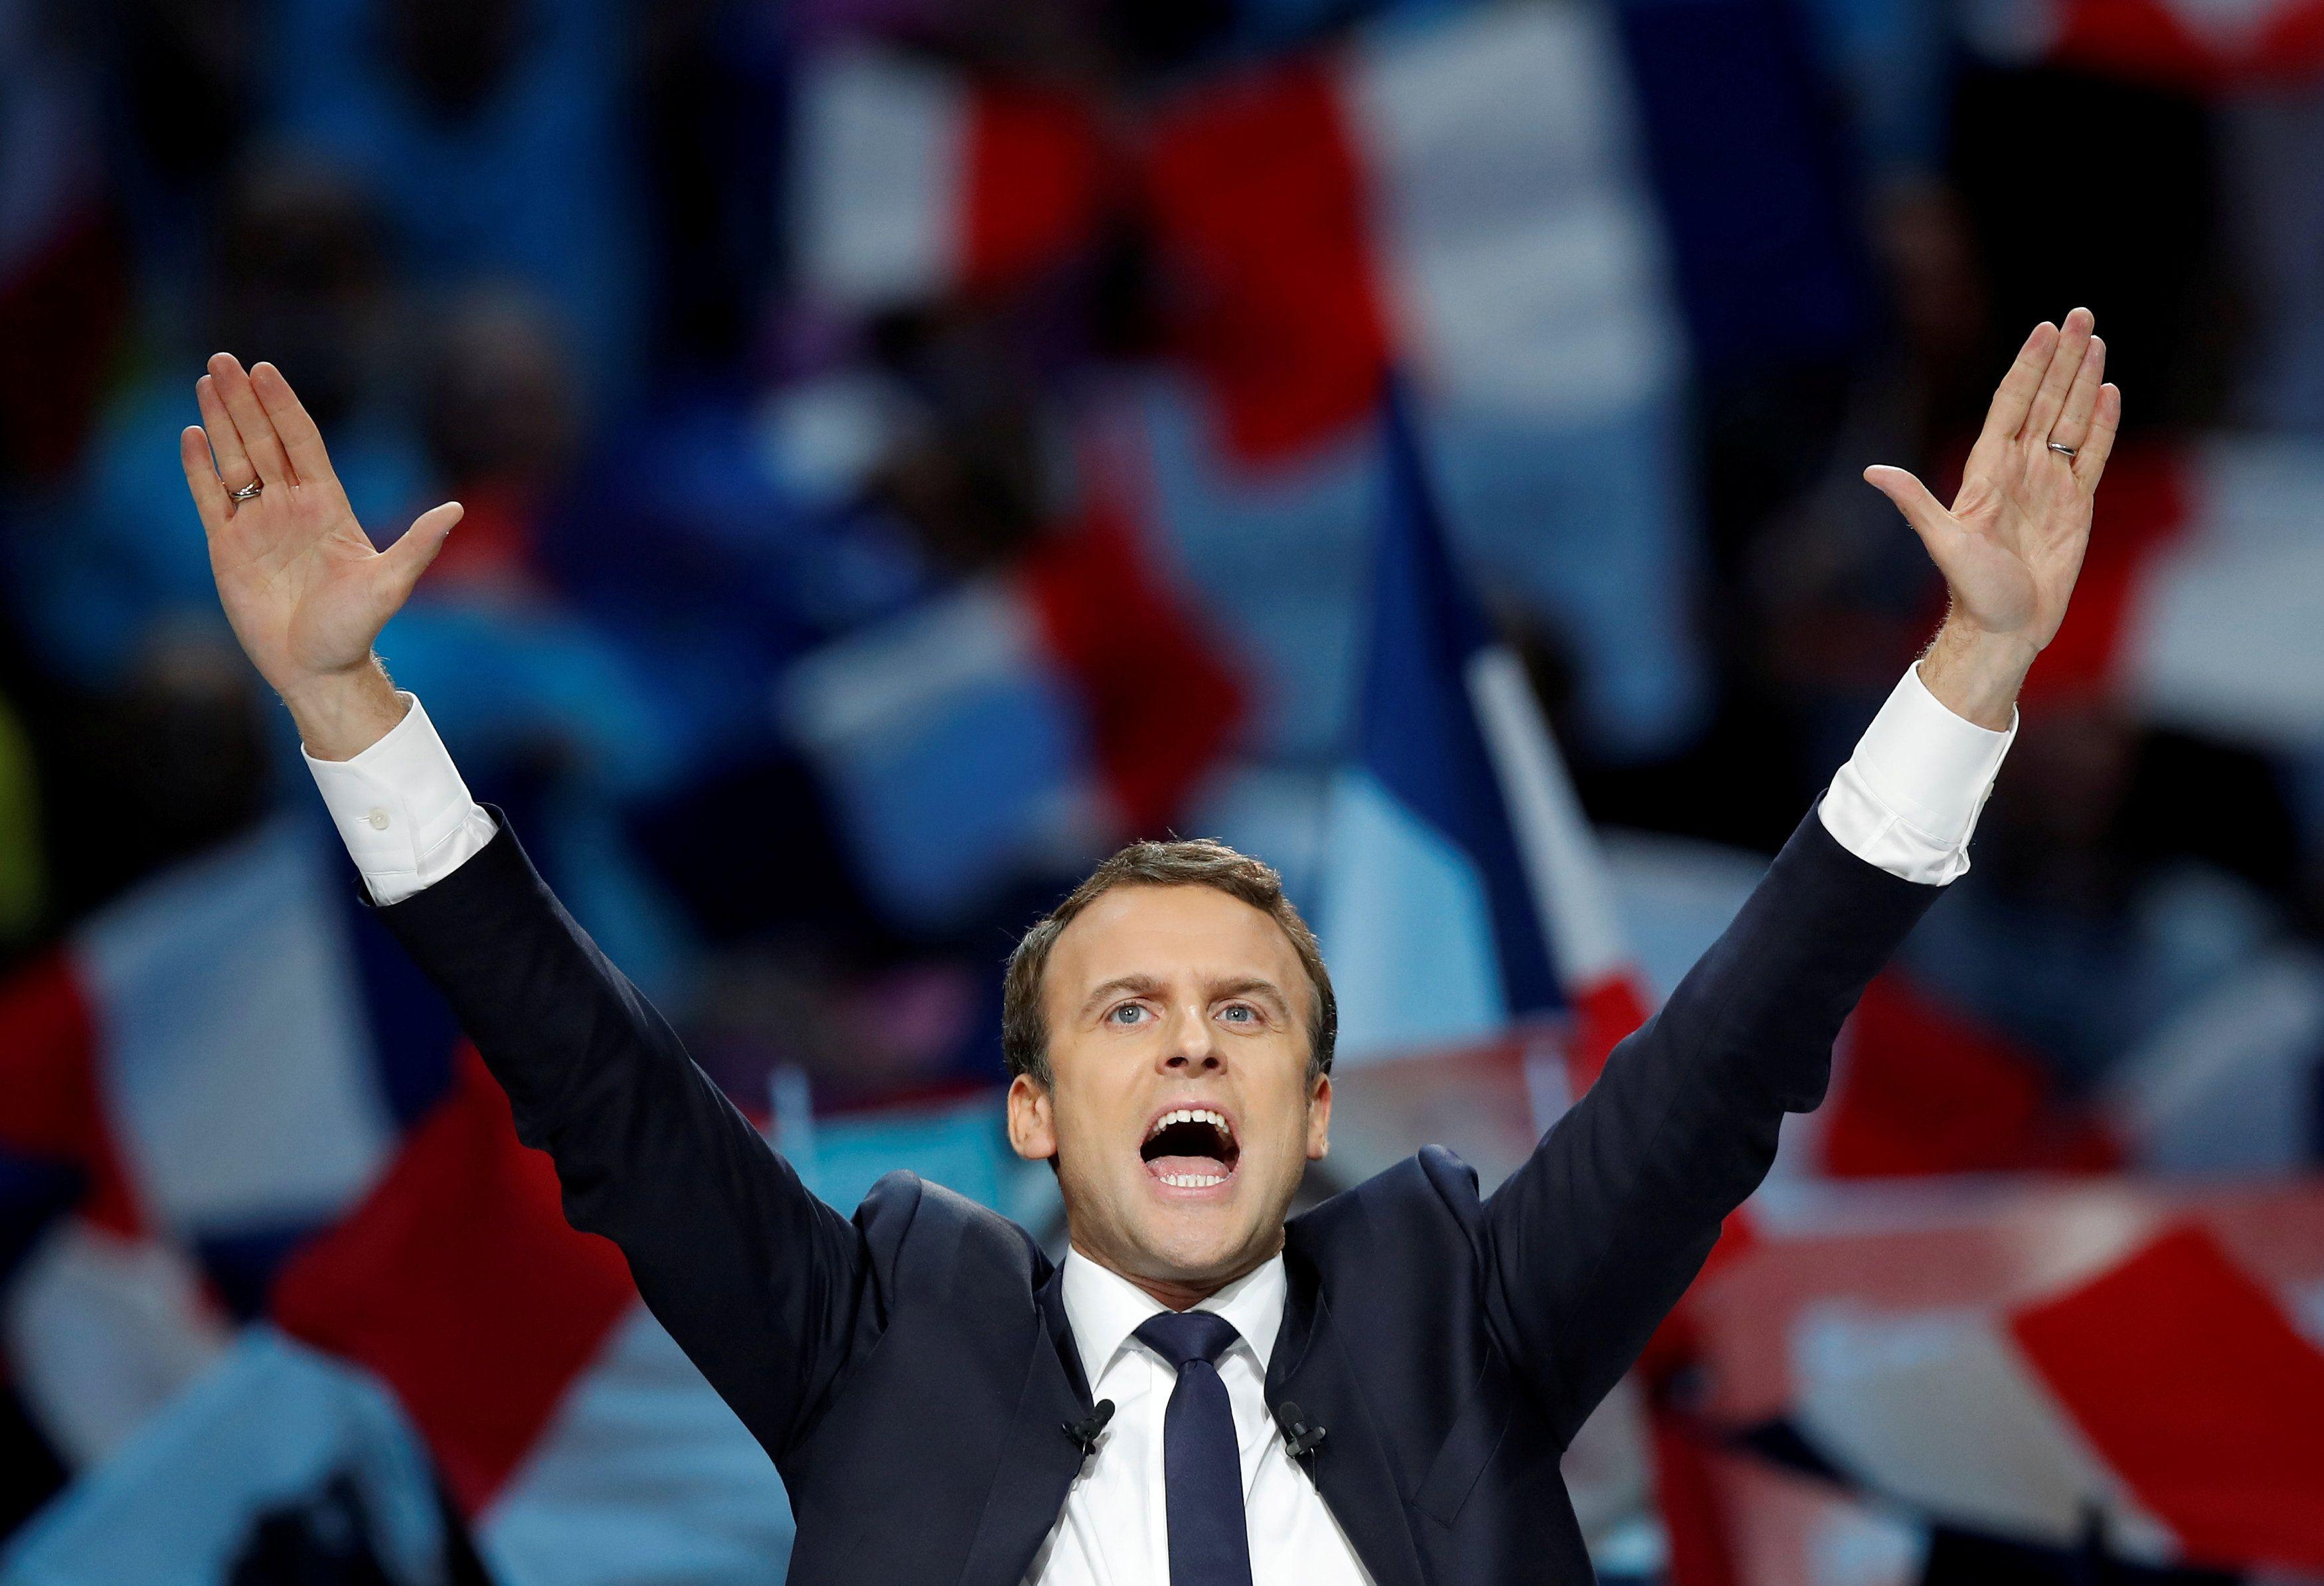 Pesquisas dão liderança a Macron na reta final da corrida eleitoral